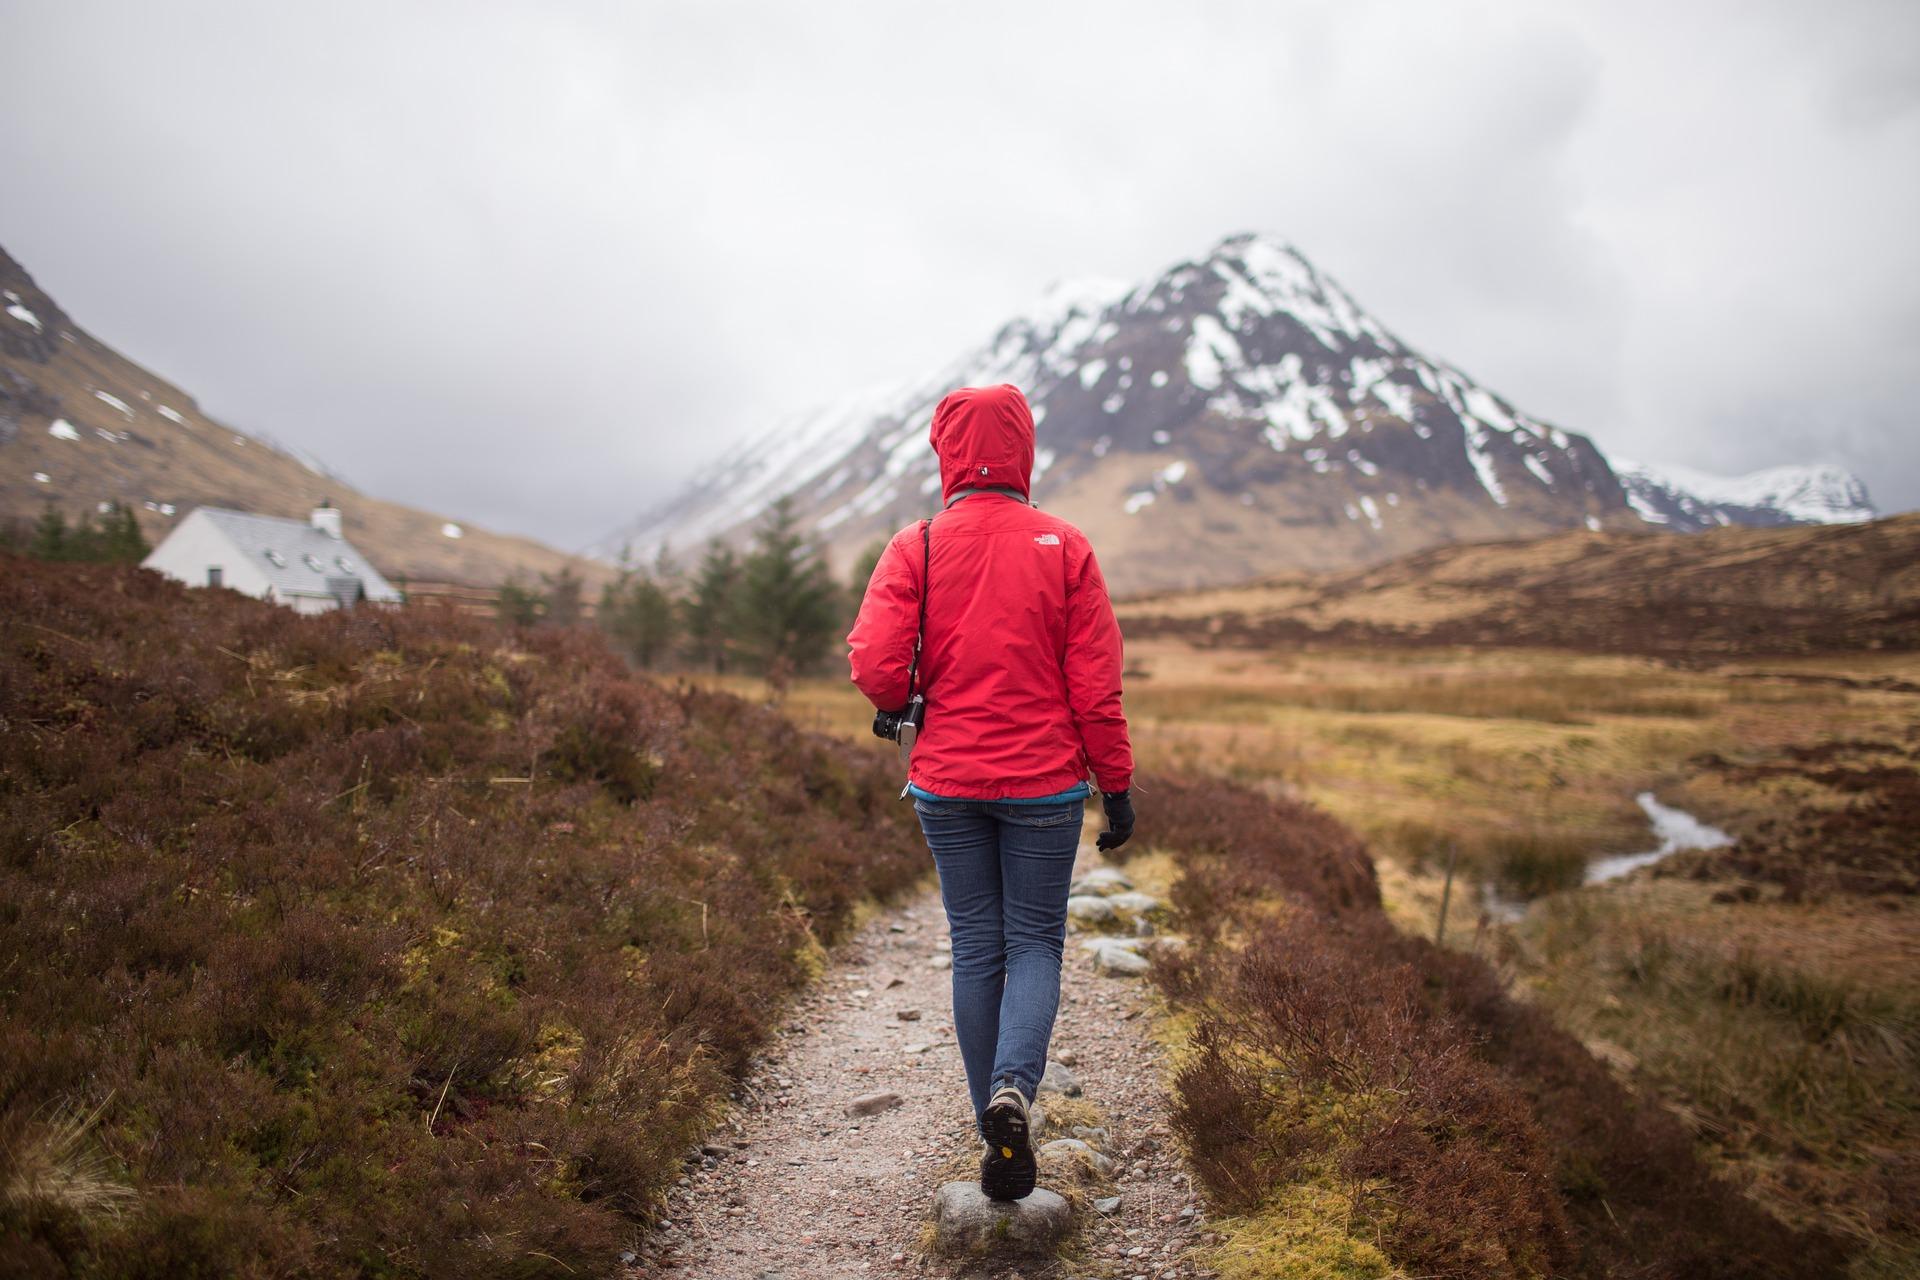 Guia Prático do Trilheiro Iniciante - Tudo o que você precisa saber para começar a fazer trilhas